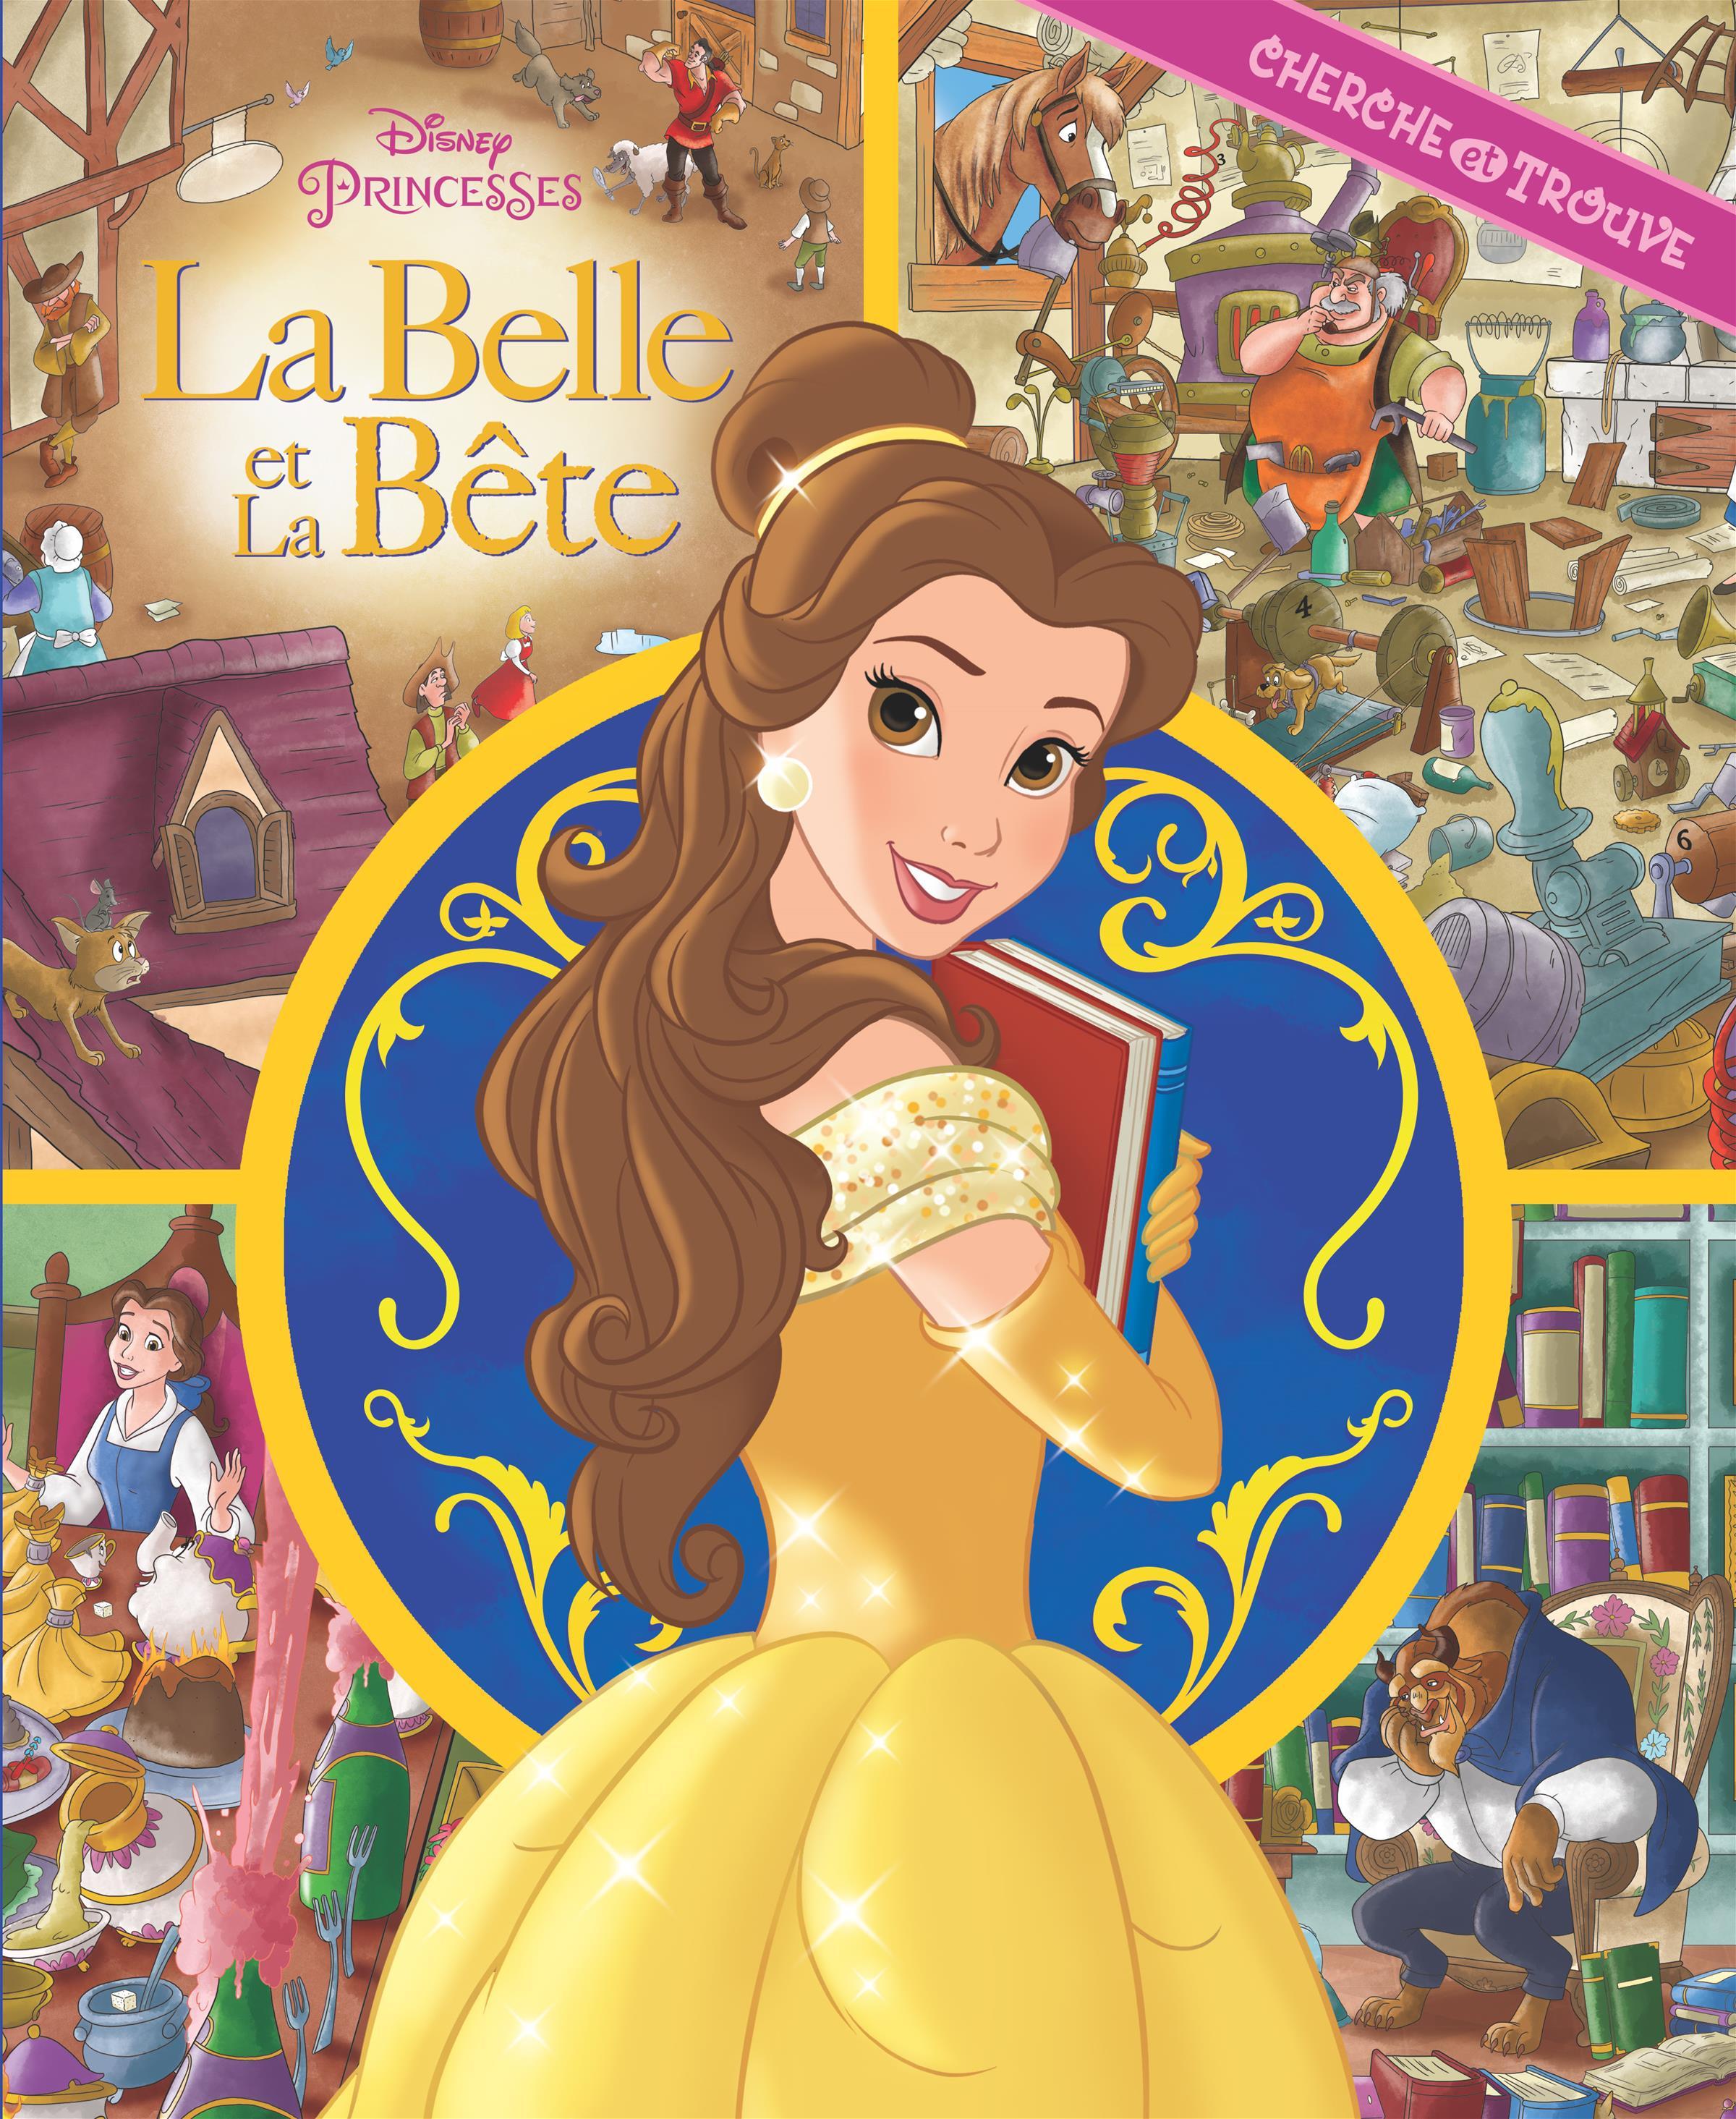 Belle Et La Bete La La Belle Et La Bete Mon Premier Cherche Et Trouve Princesses Disney